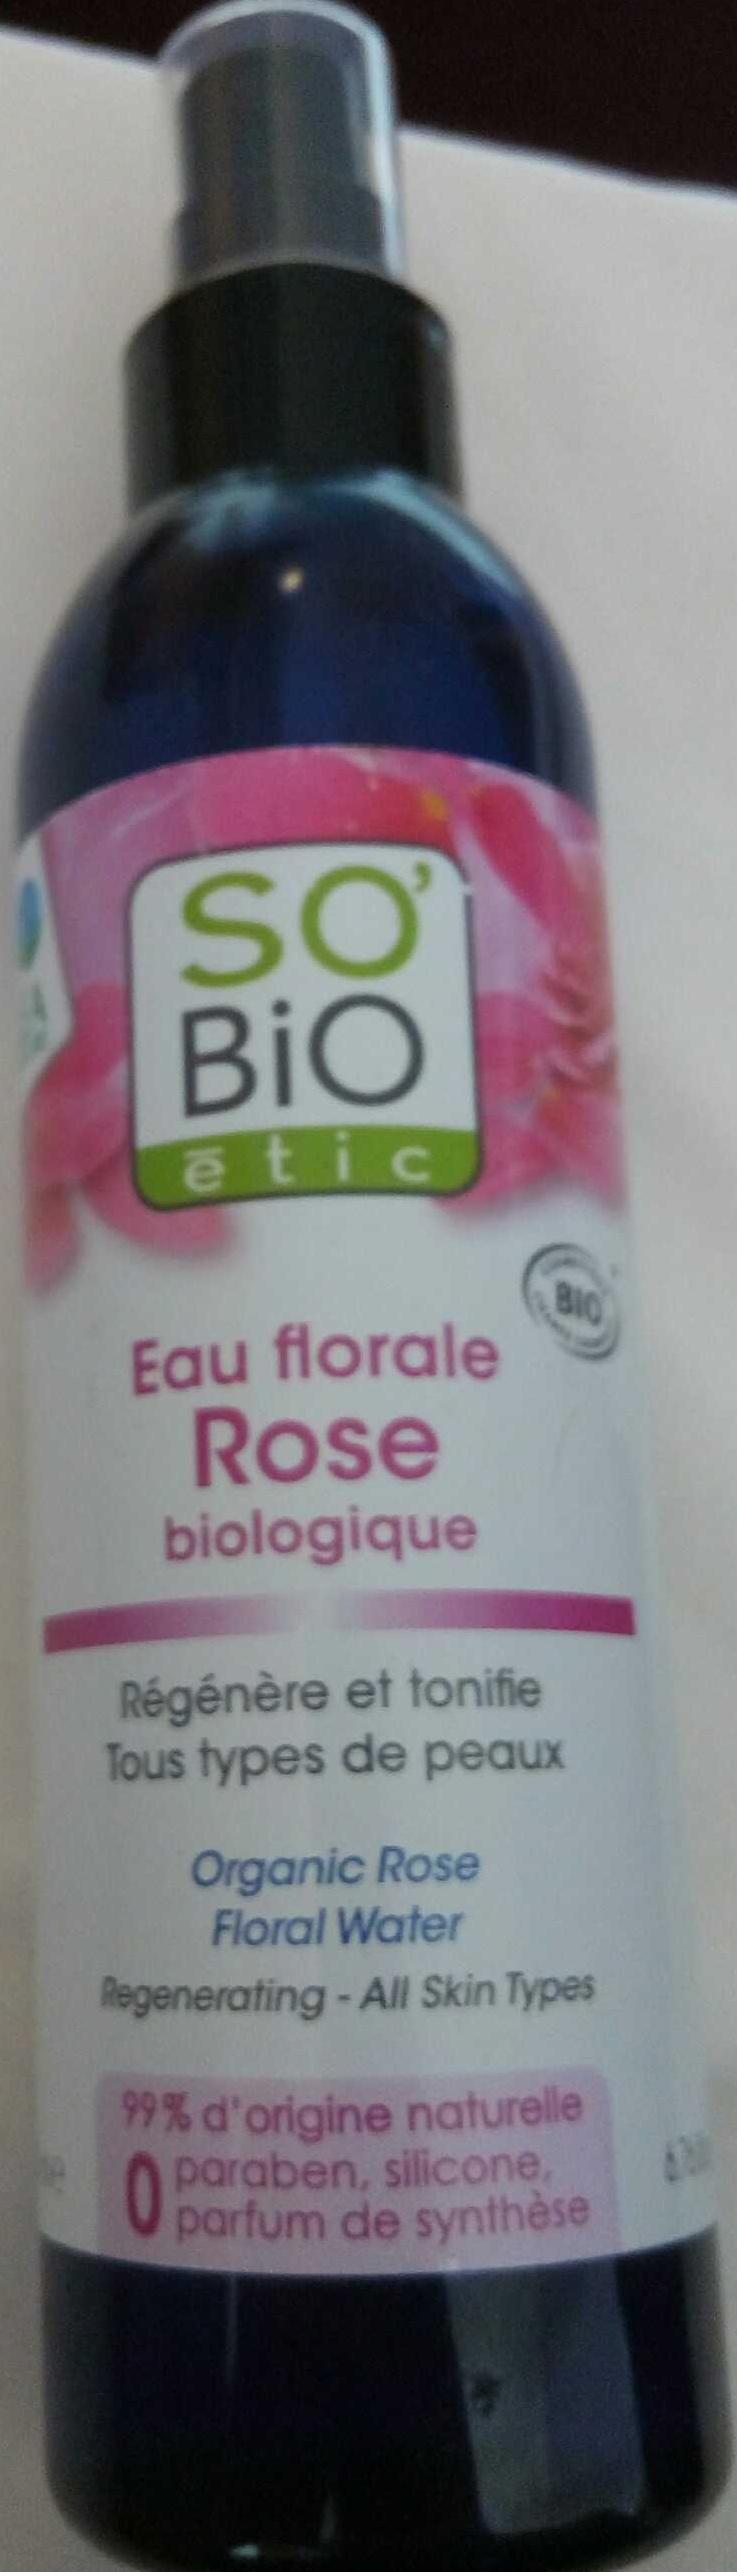 Eau florale Rose biologique - Product - fr